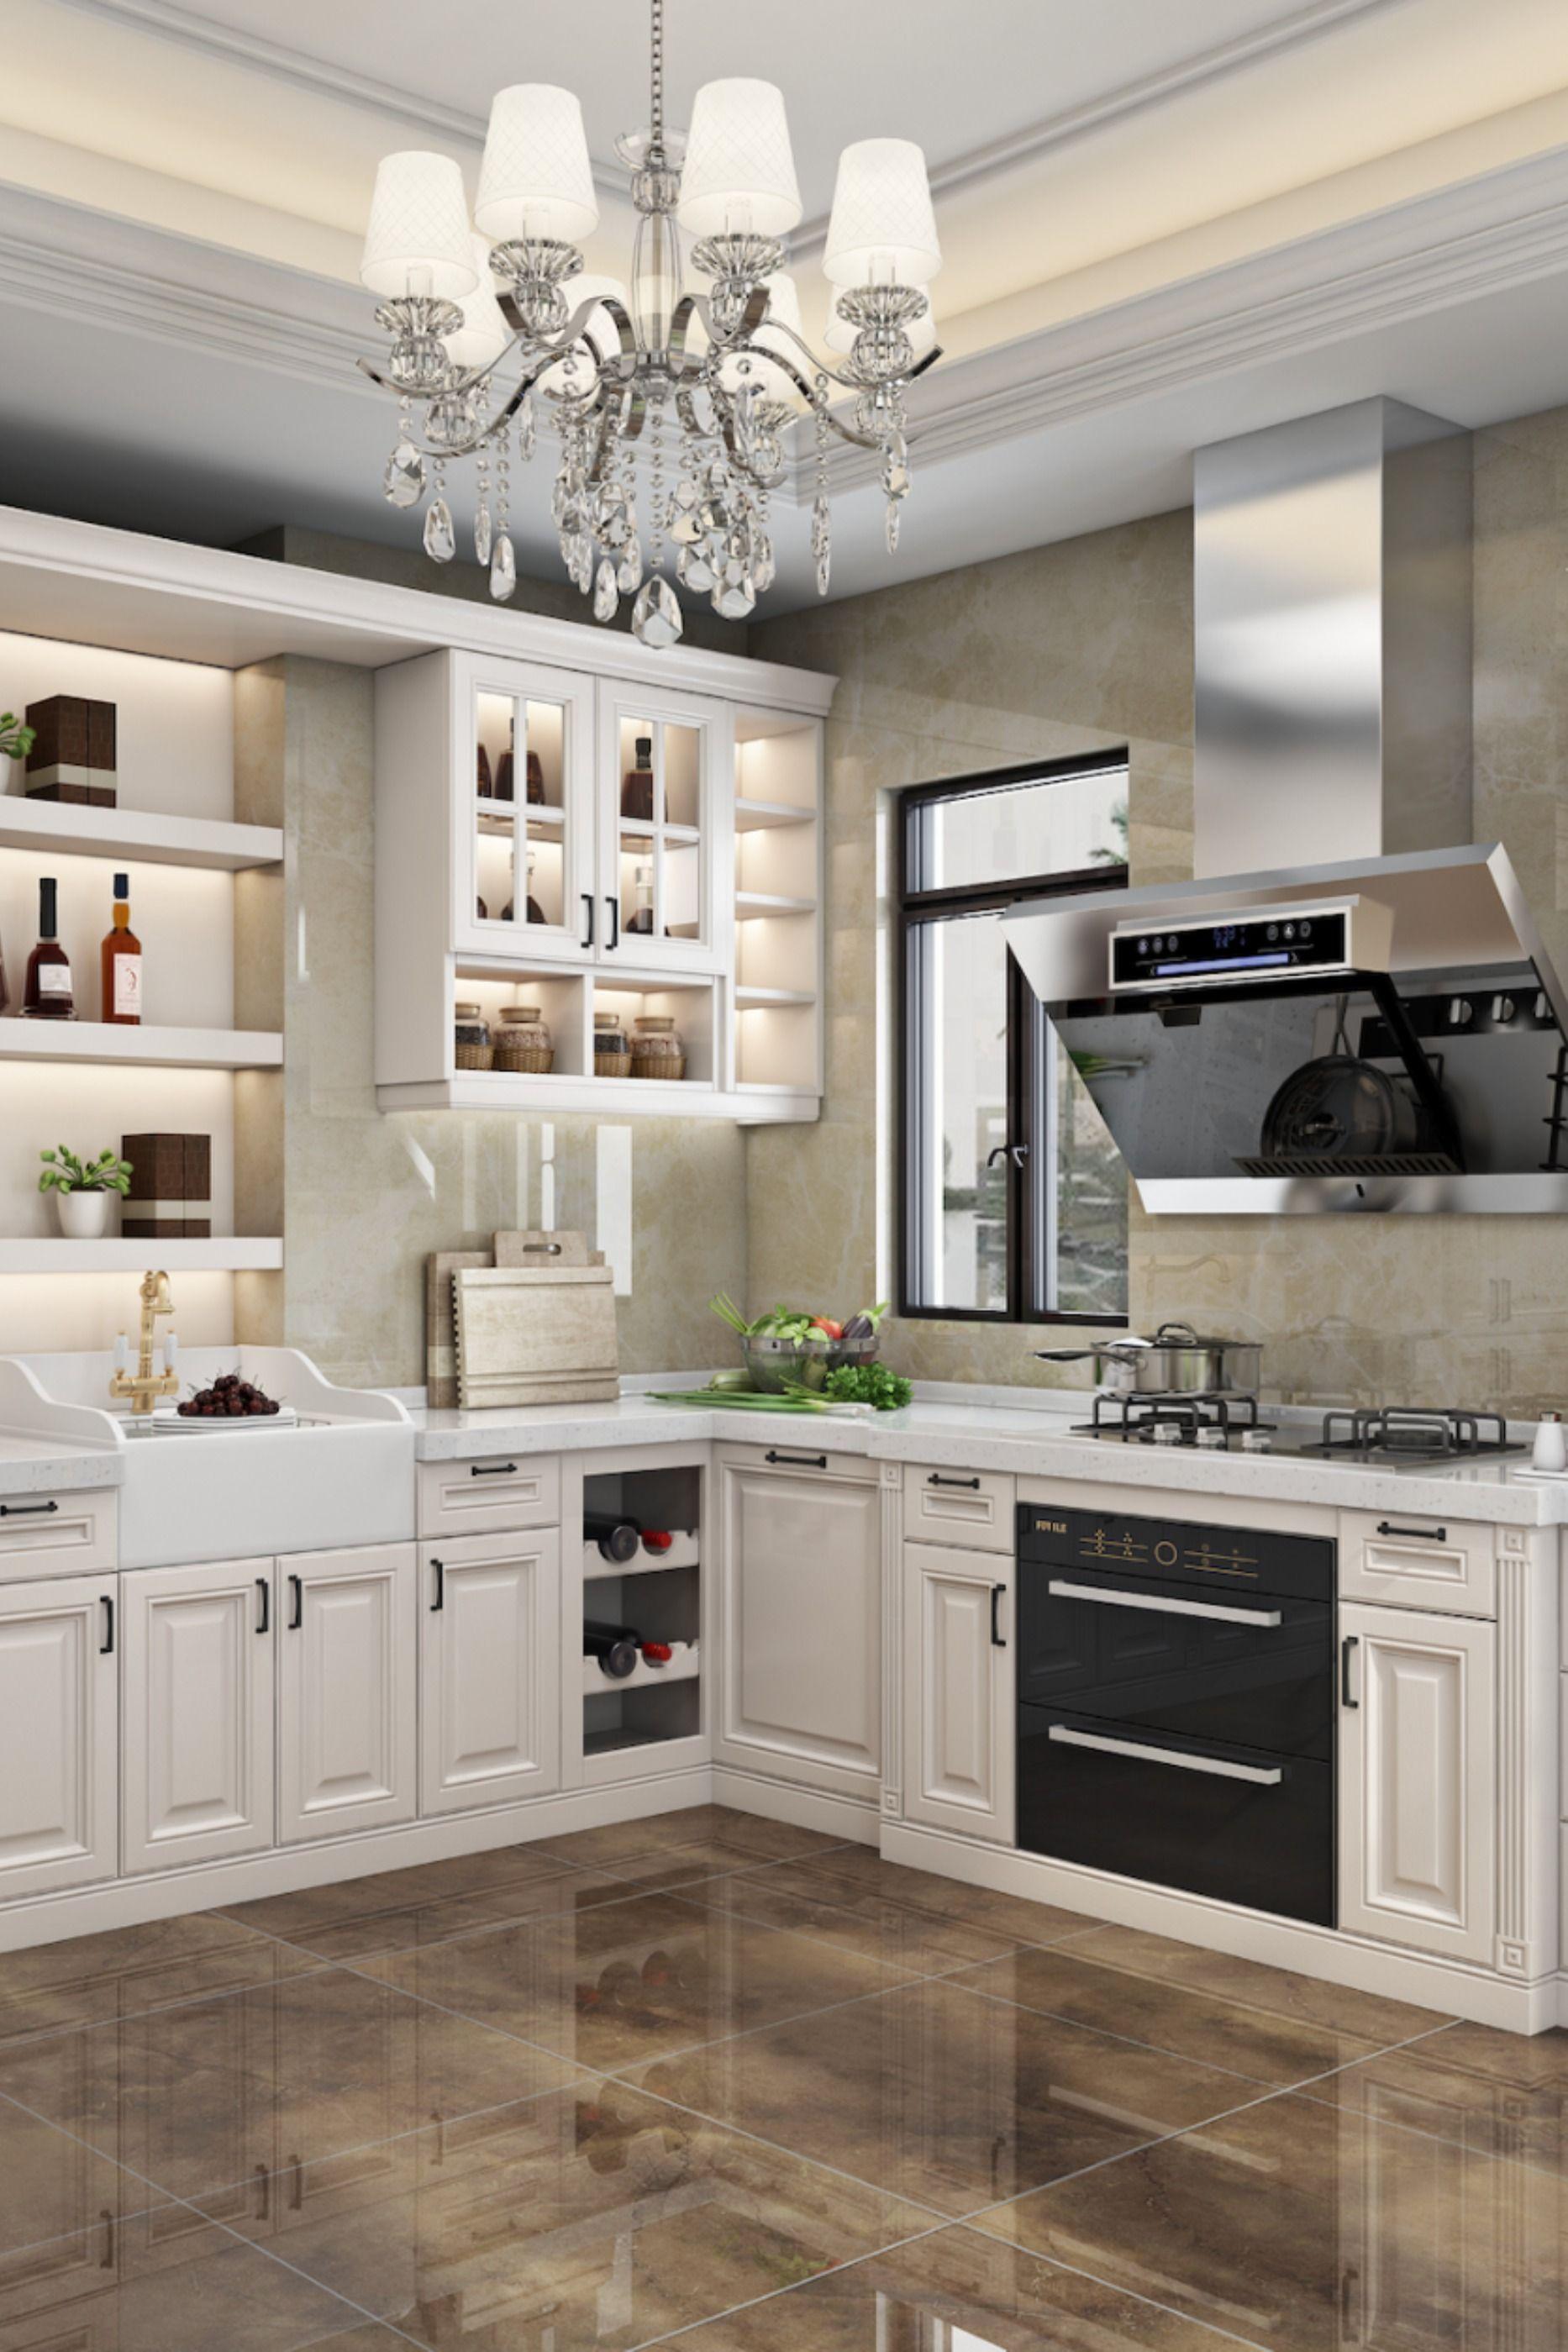 Pvc Blister Kitchen Cabinet Timeless Kitchen Cabinets European Kitchen Cabinets Kitchen Cabinet Styles